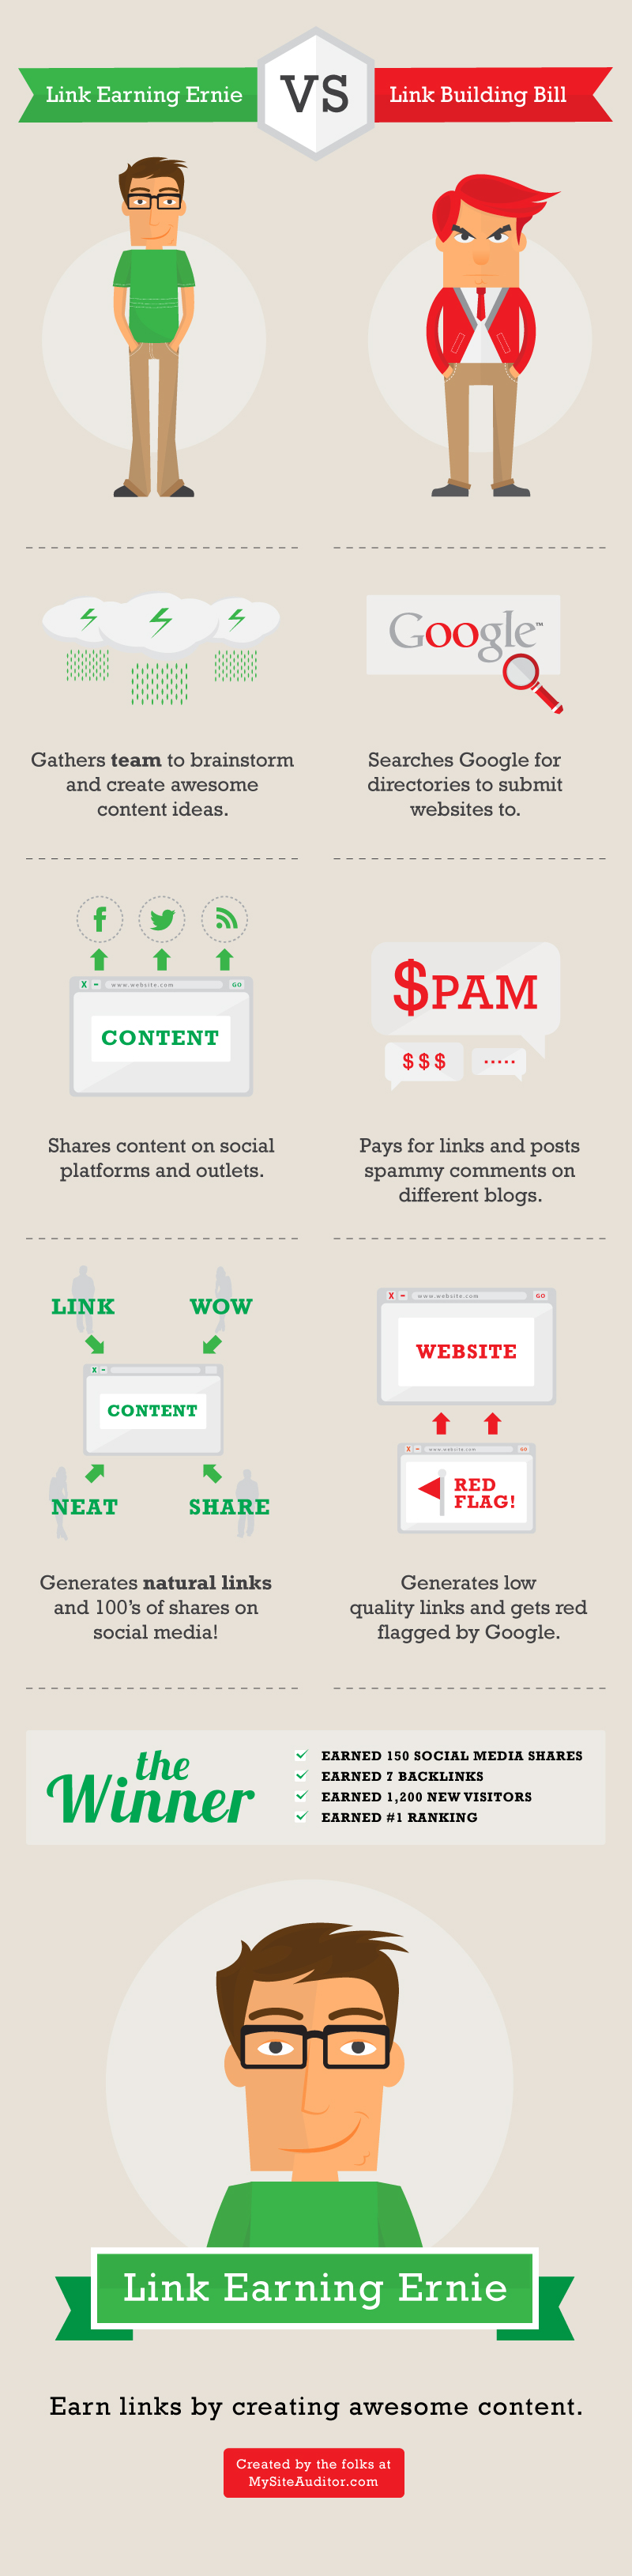 infographie-link-building-vs-link-earning-1